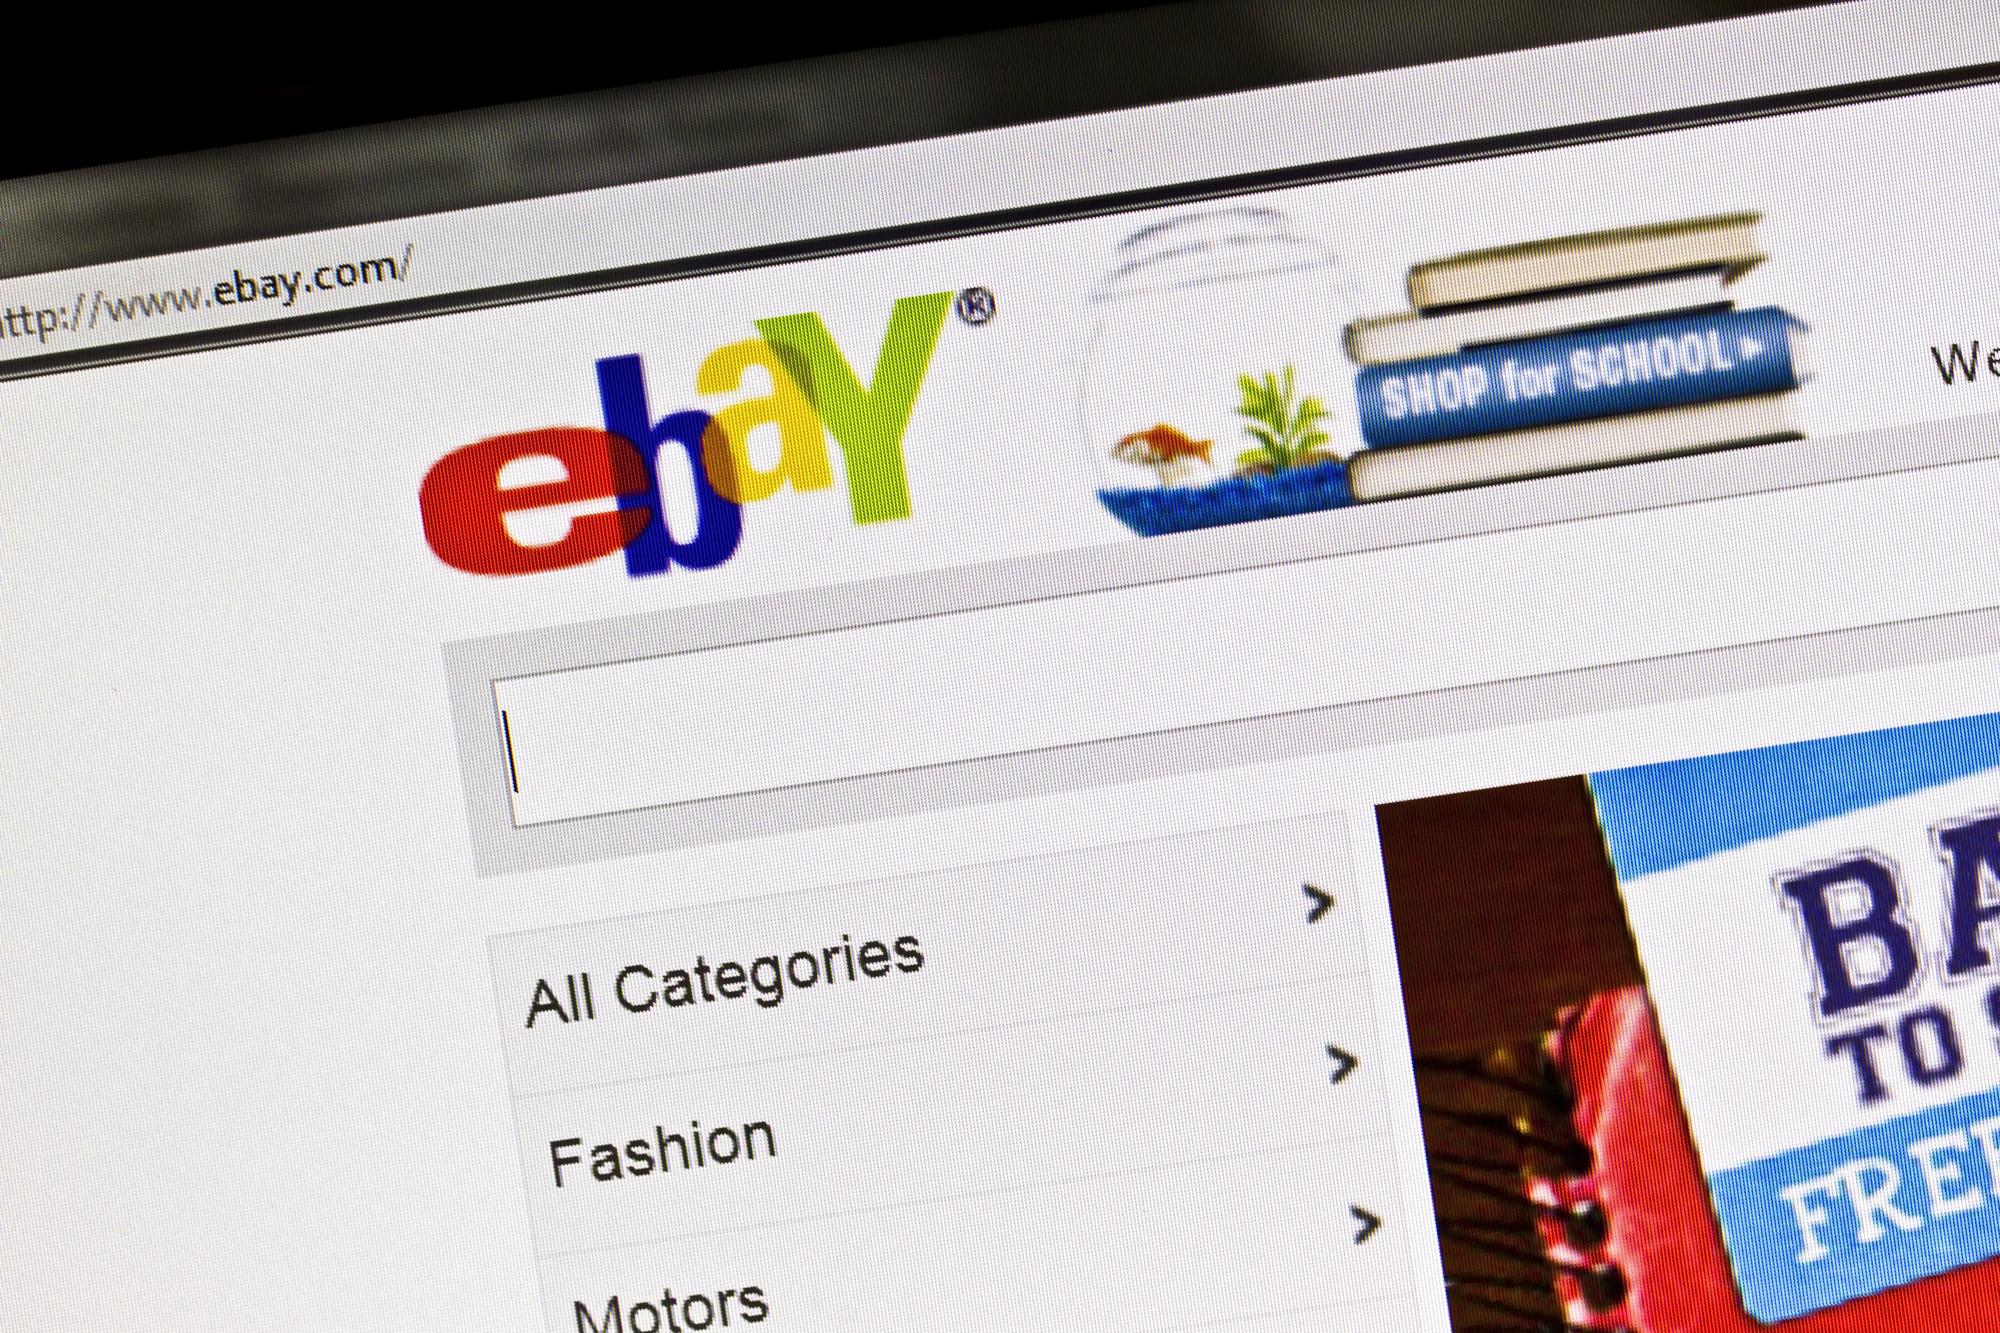 Как покупать на eBay из РФ?